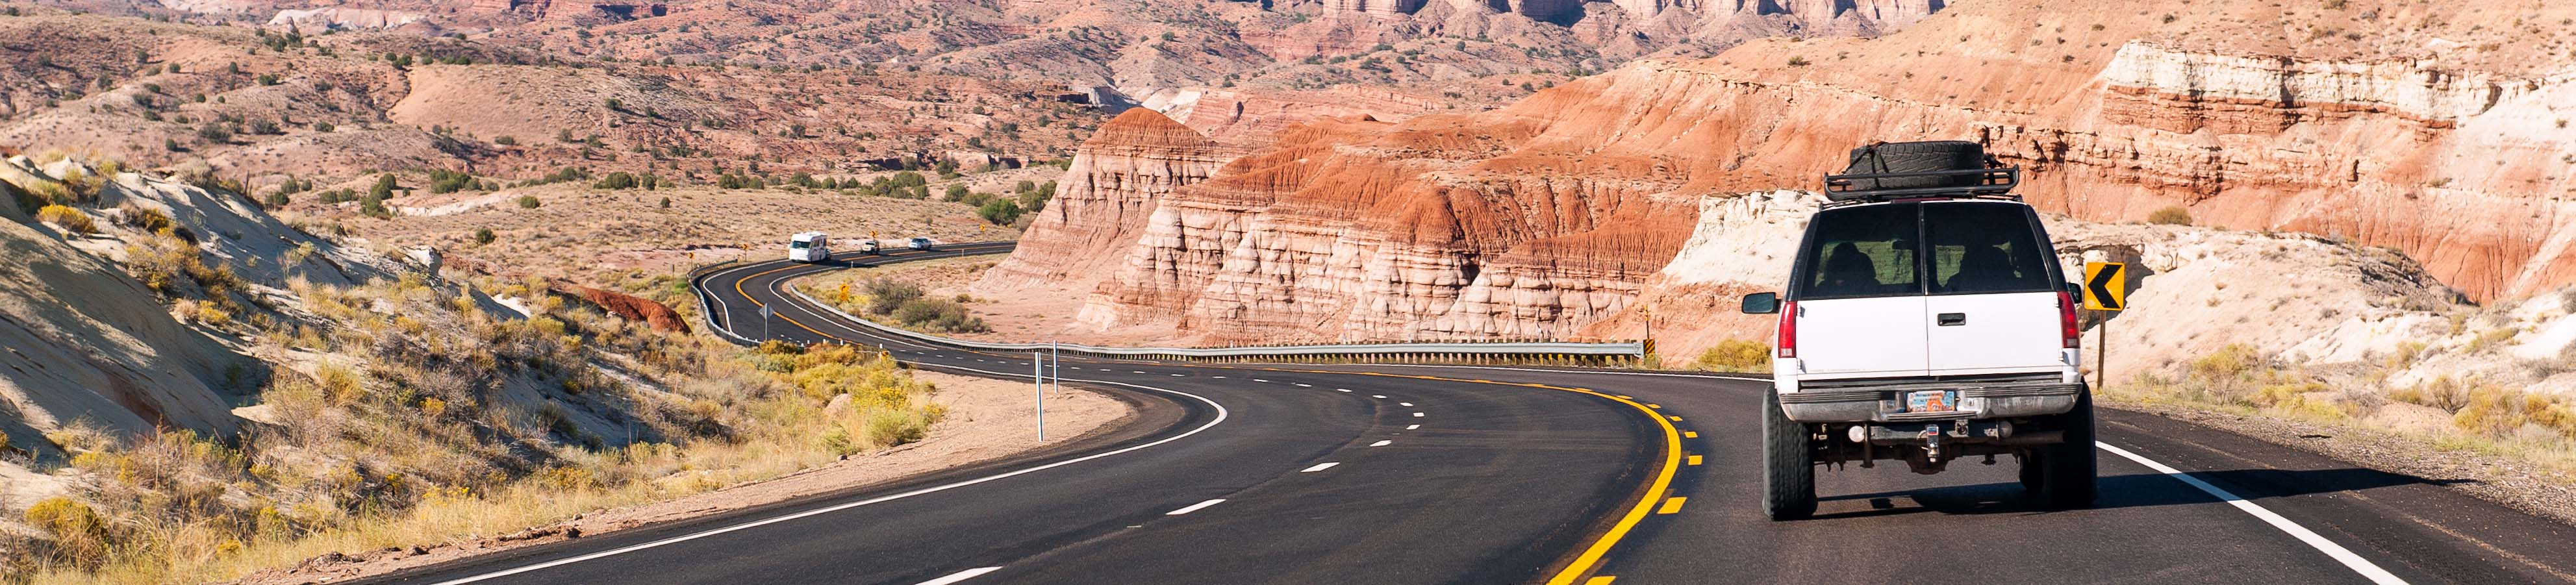 Roadtrip USA : comment le préparer pour profiter pleinement de votre road trip